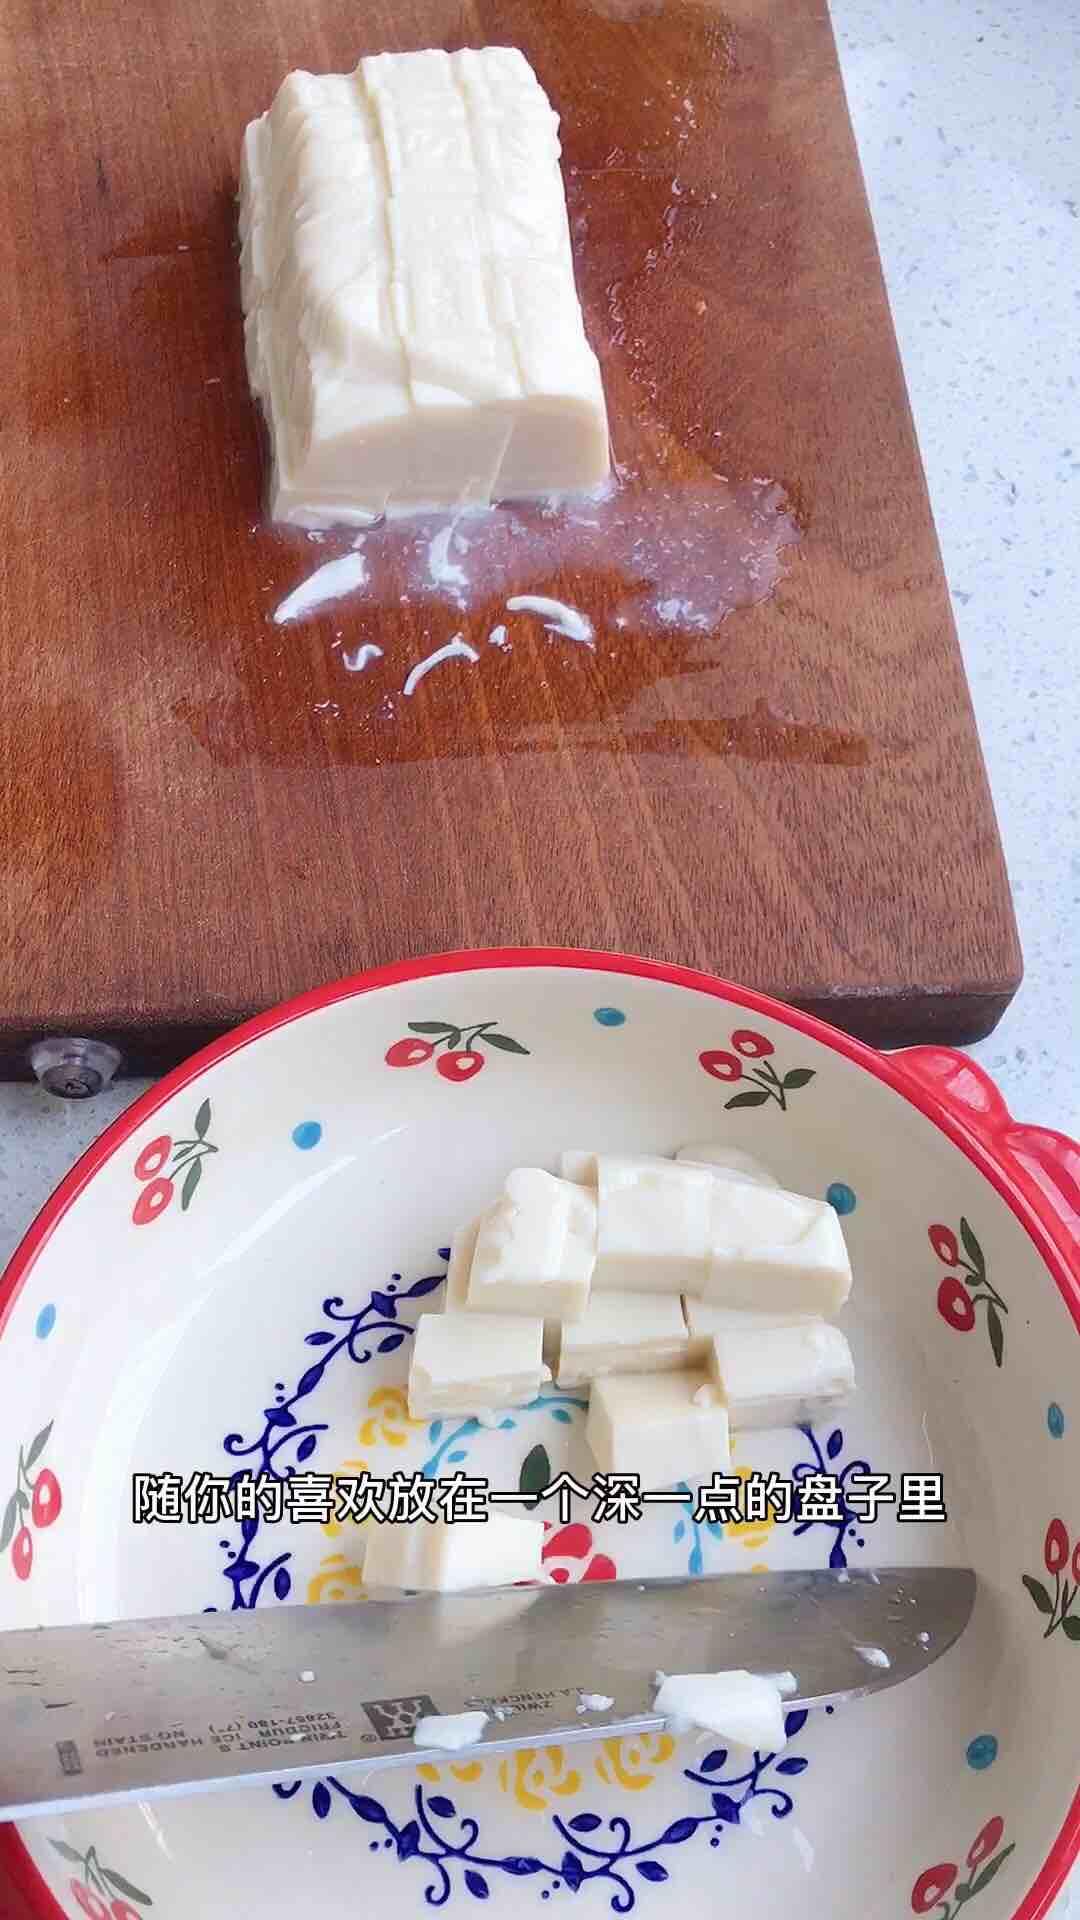 宝宝营养餐——油淋虾仁豆腐鸡蛋羹的简单做法